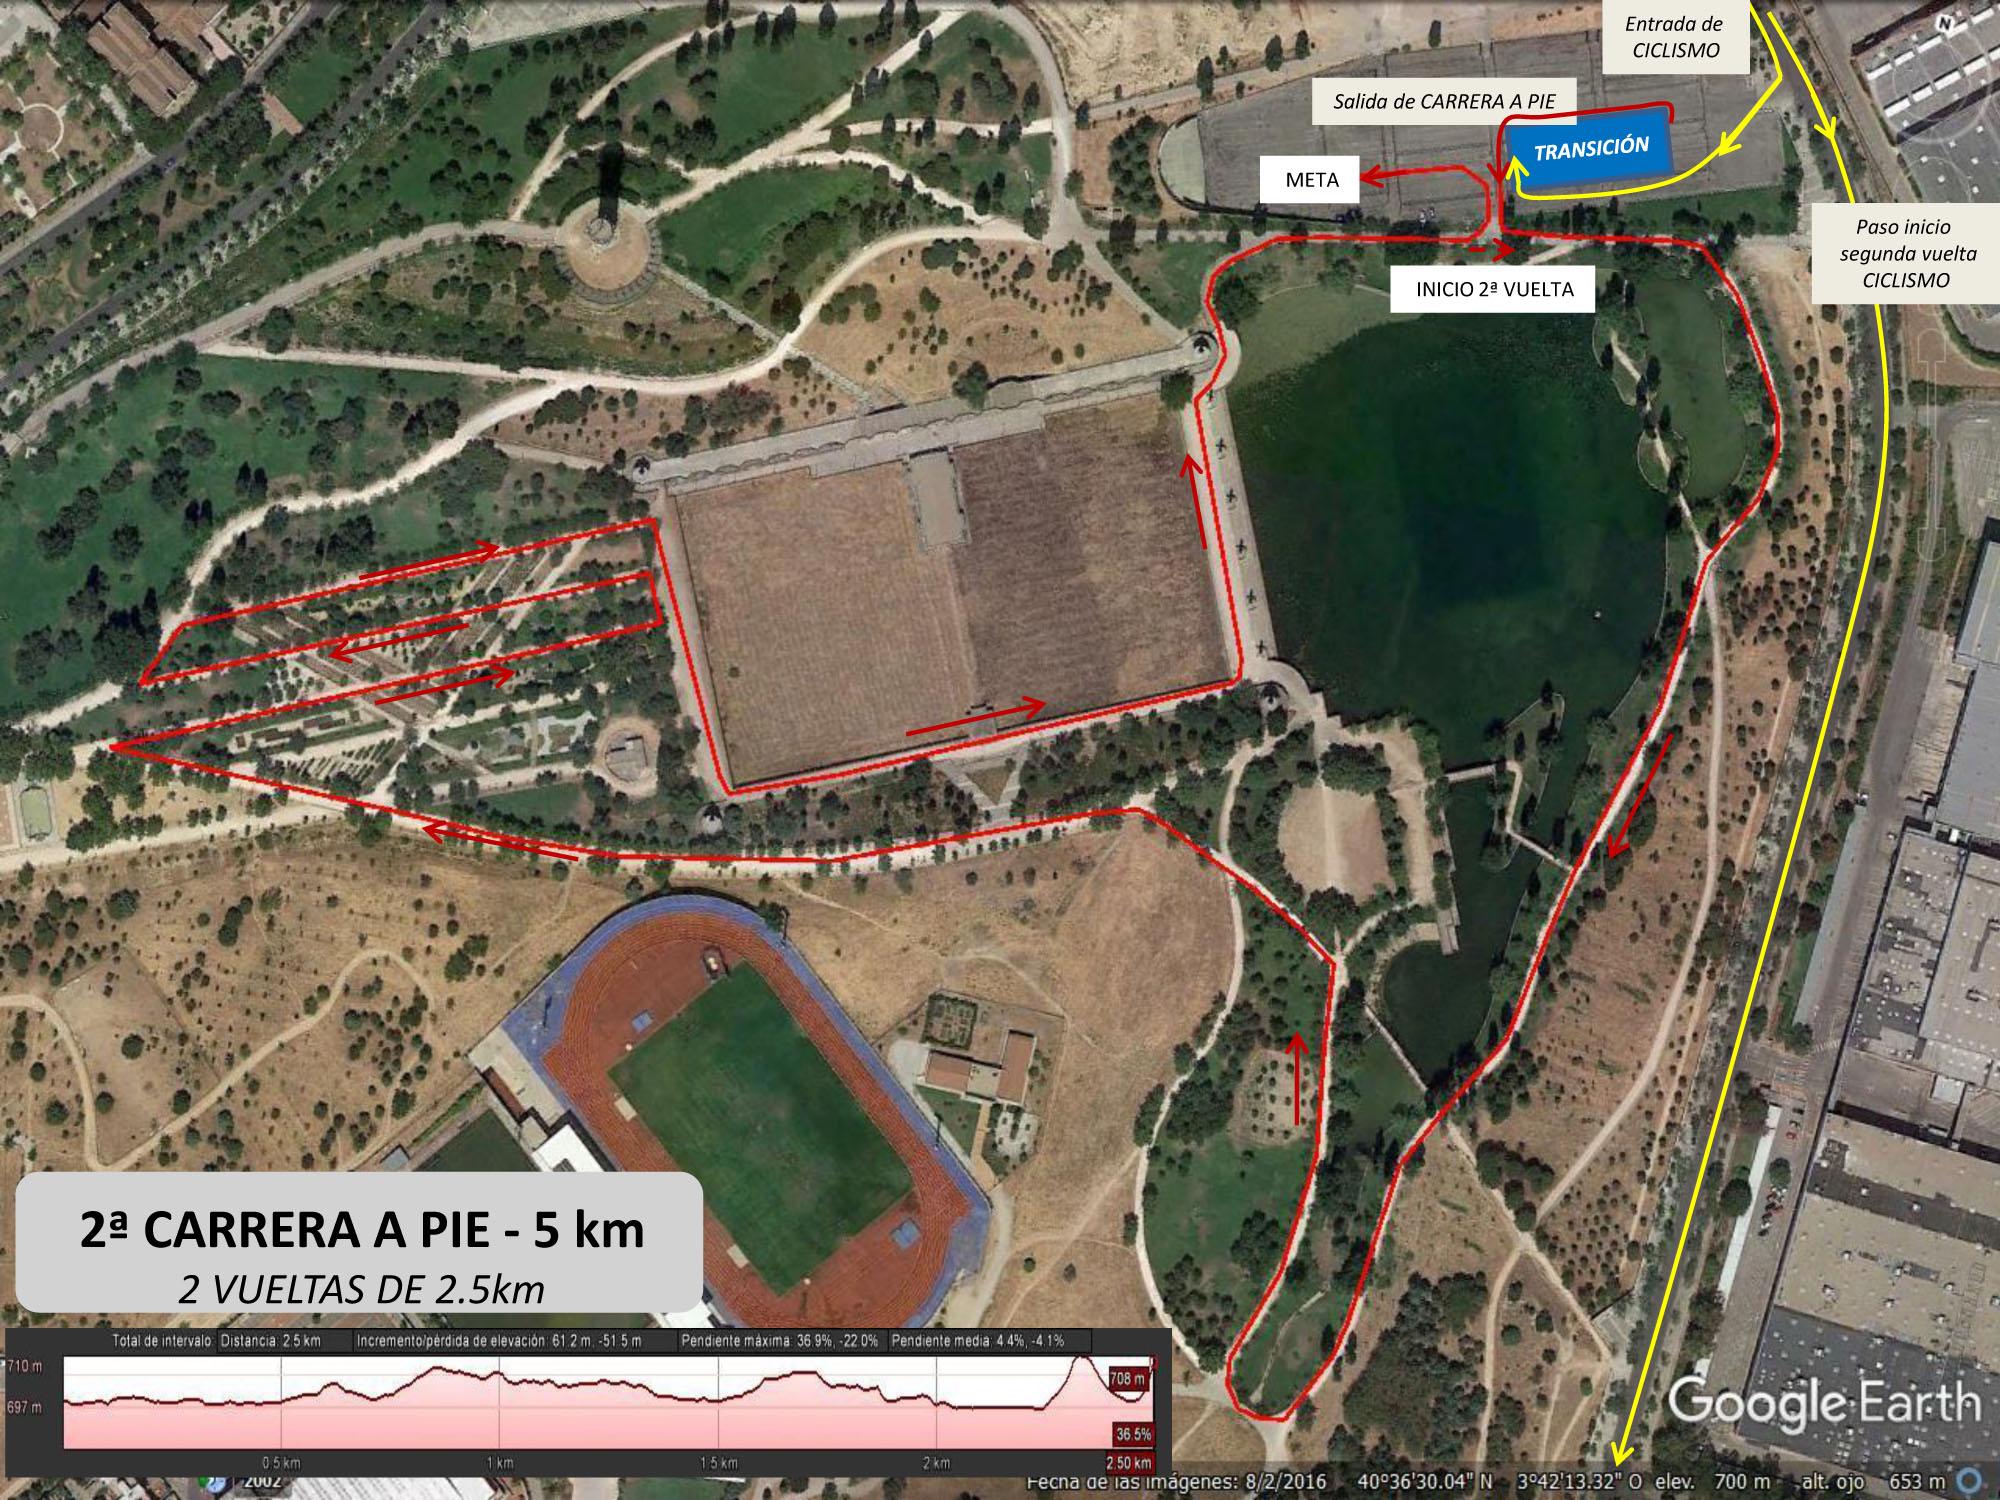 circuito de carrera del triatlon tres cantos